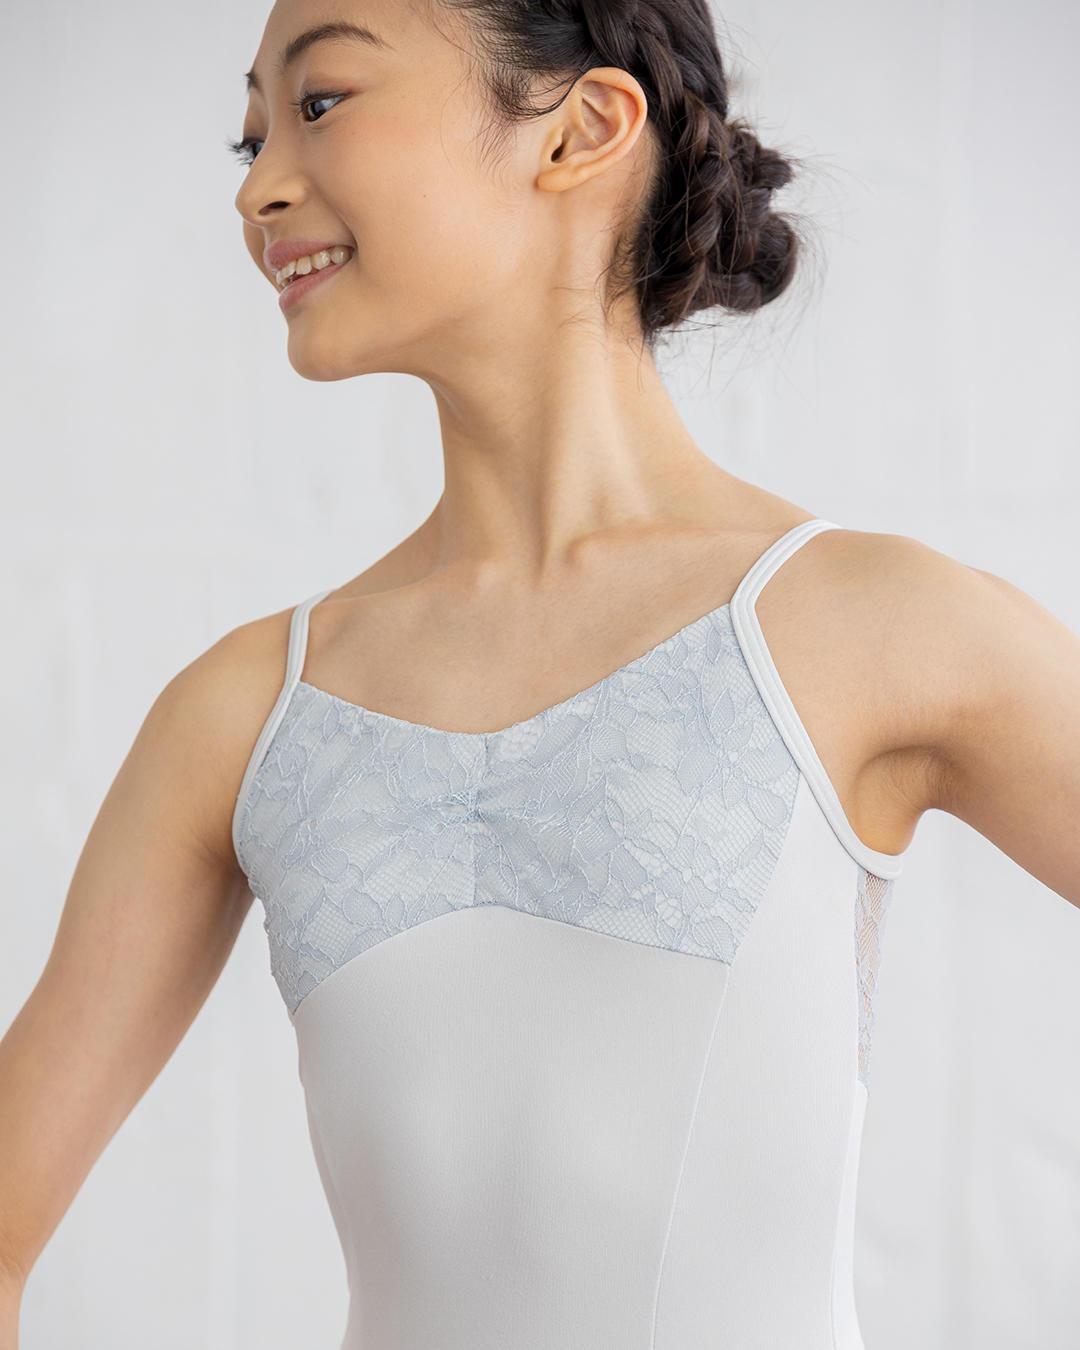 0909_ballet_junior_new_3.jpg